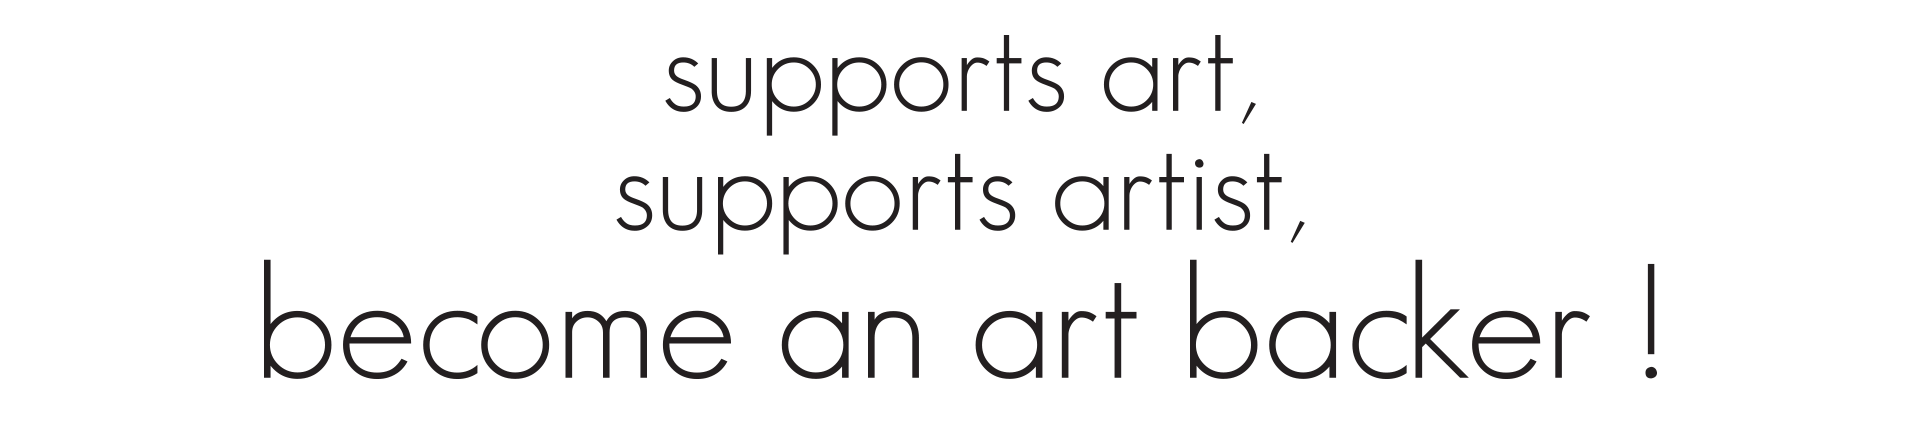 support art support artist become an art backer